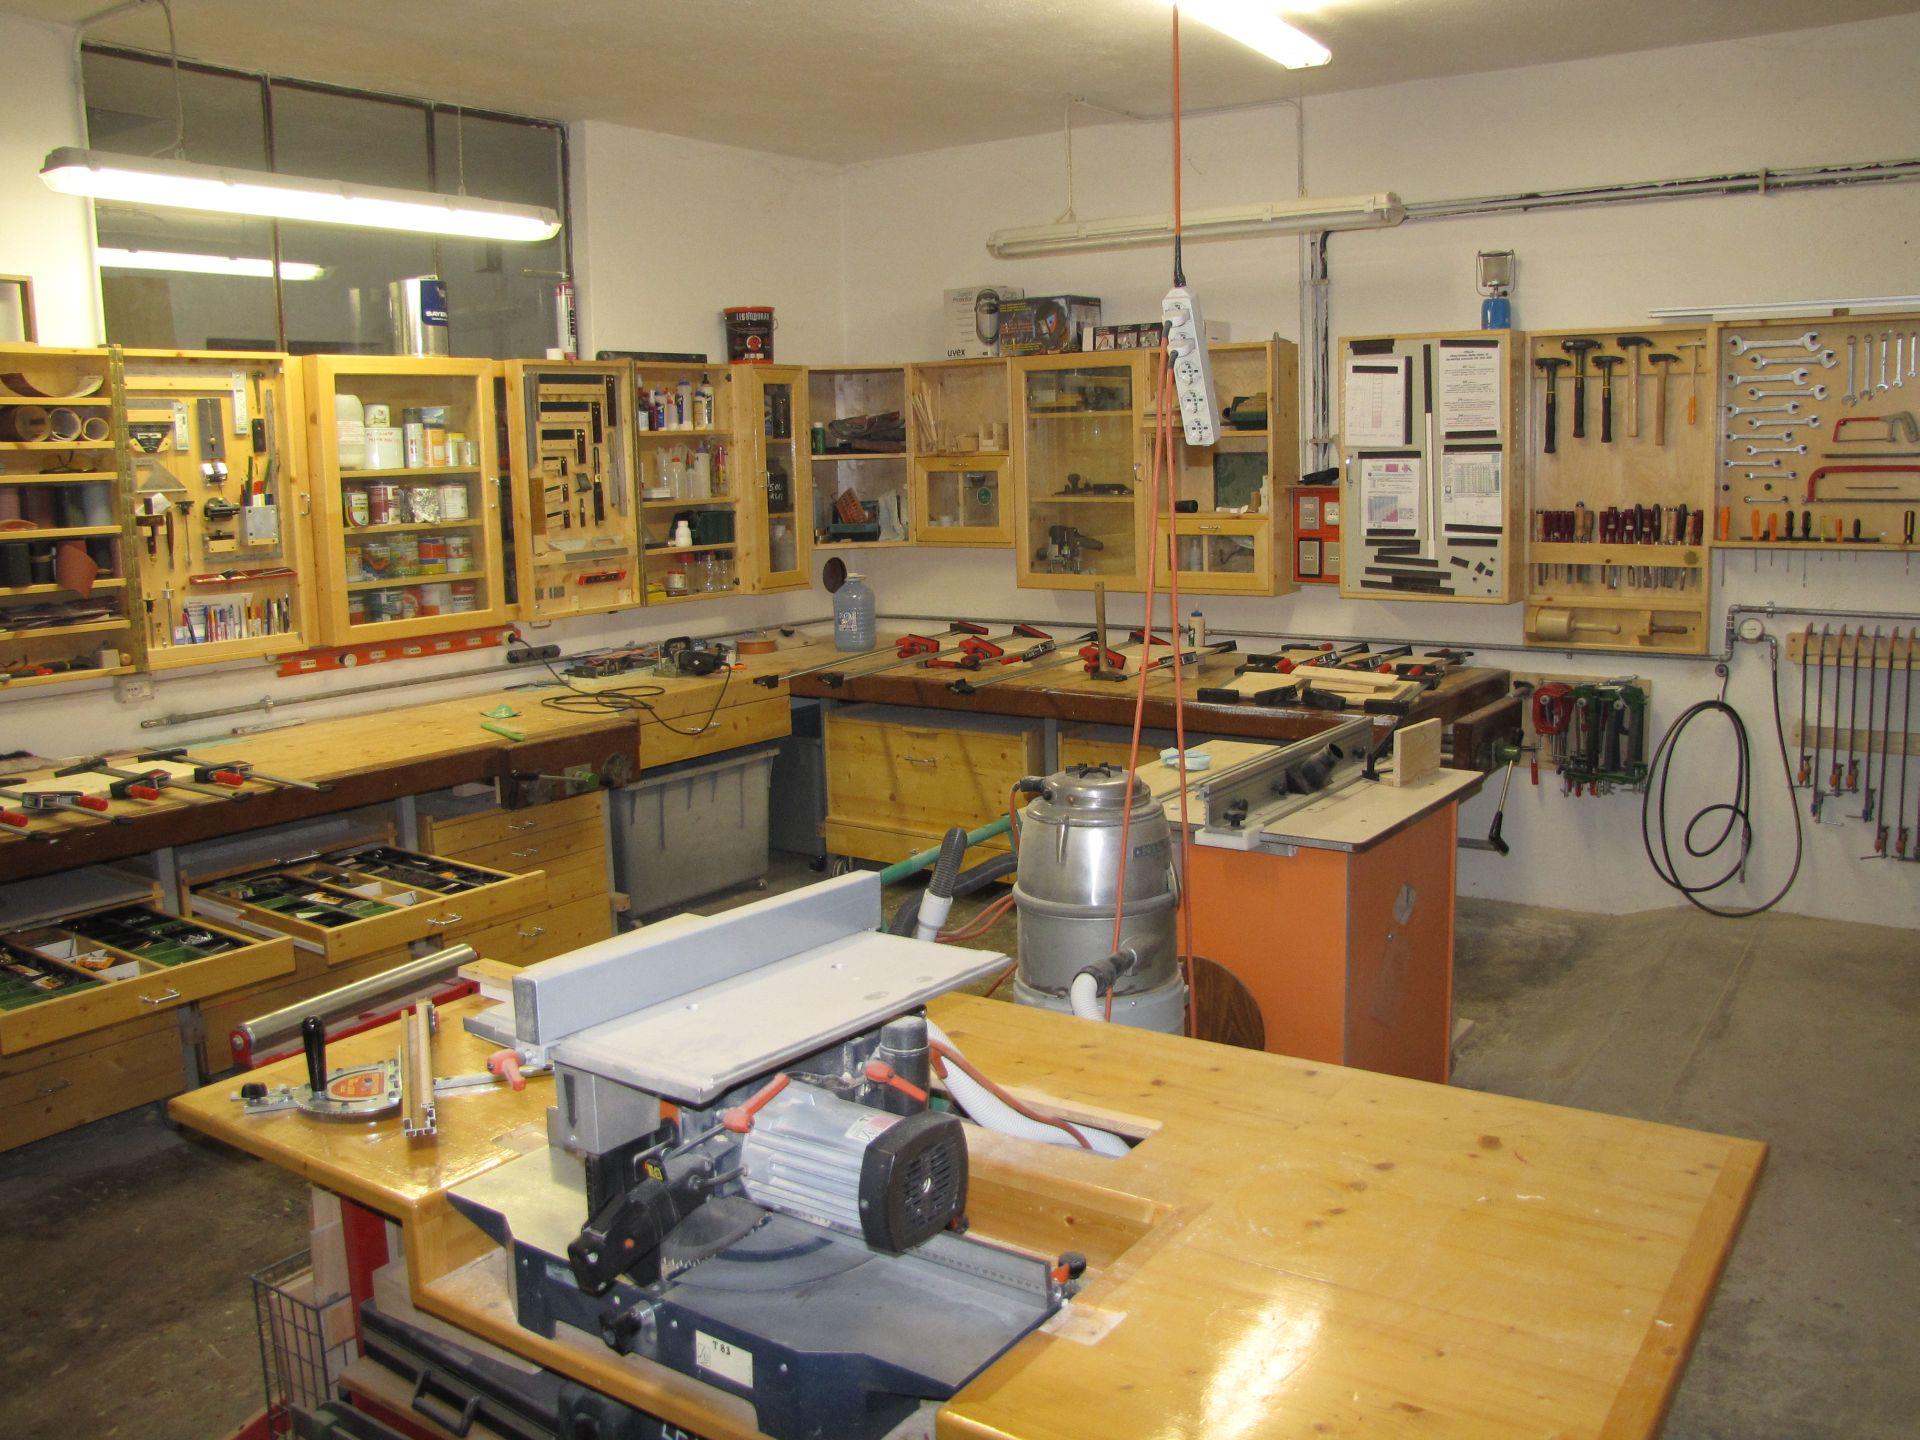 Incontri 13 edoardo pellegrini riccardo lucatti for Laboratorio di garage domestico